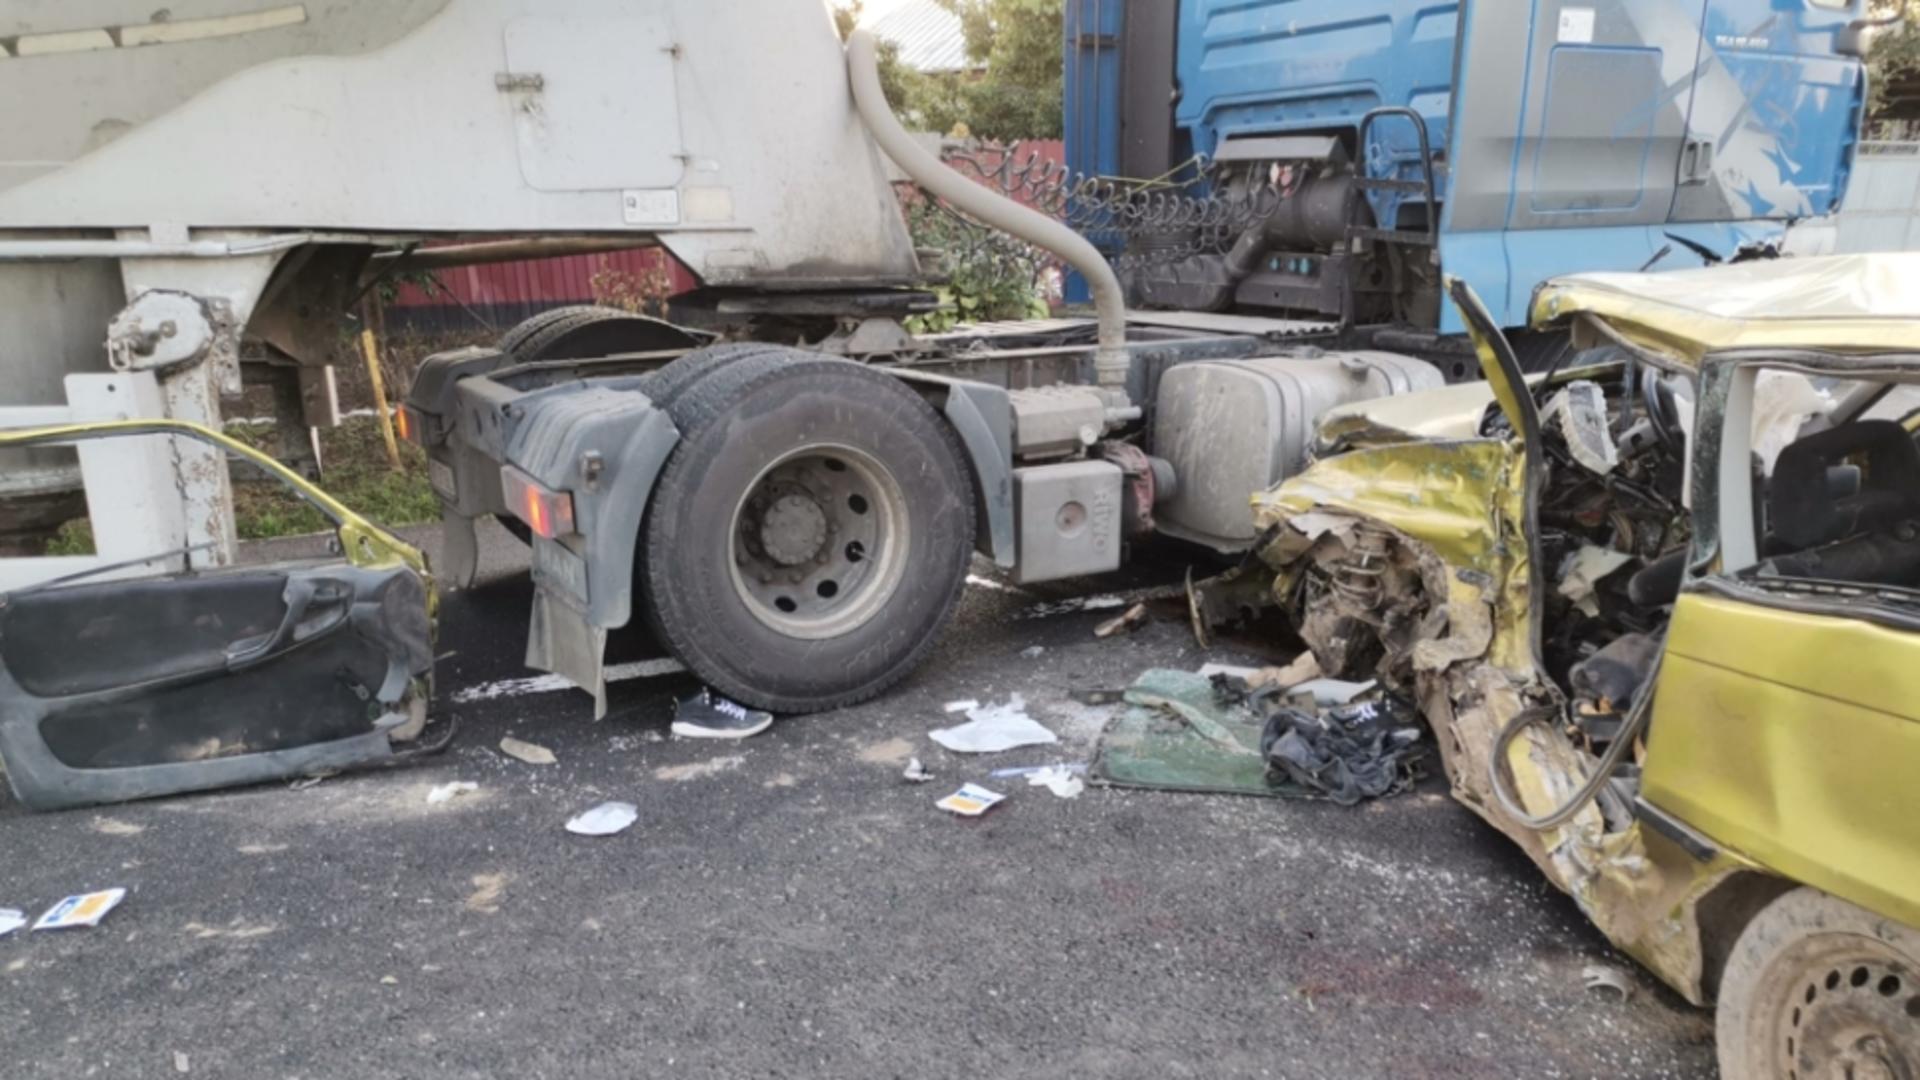 Foto arhivă. Accident pe A1, în Alba. Două autoturisme şi o autoutilitară, implicate